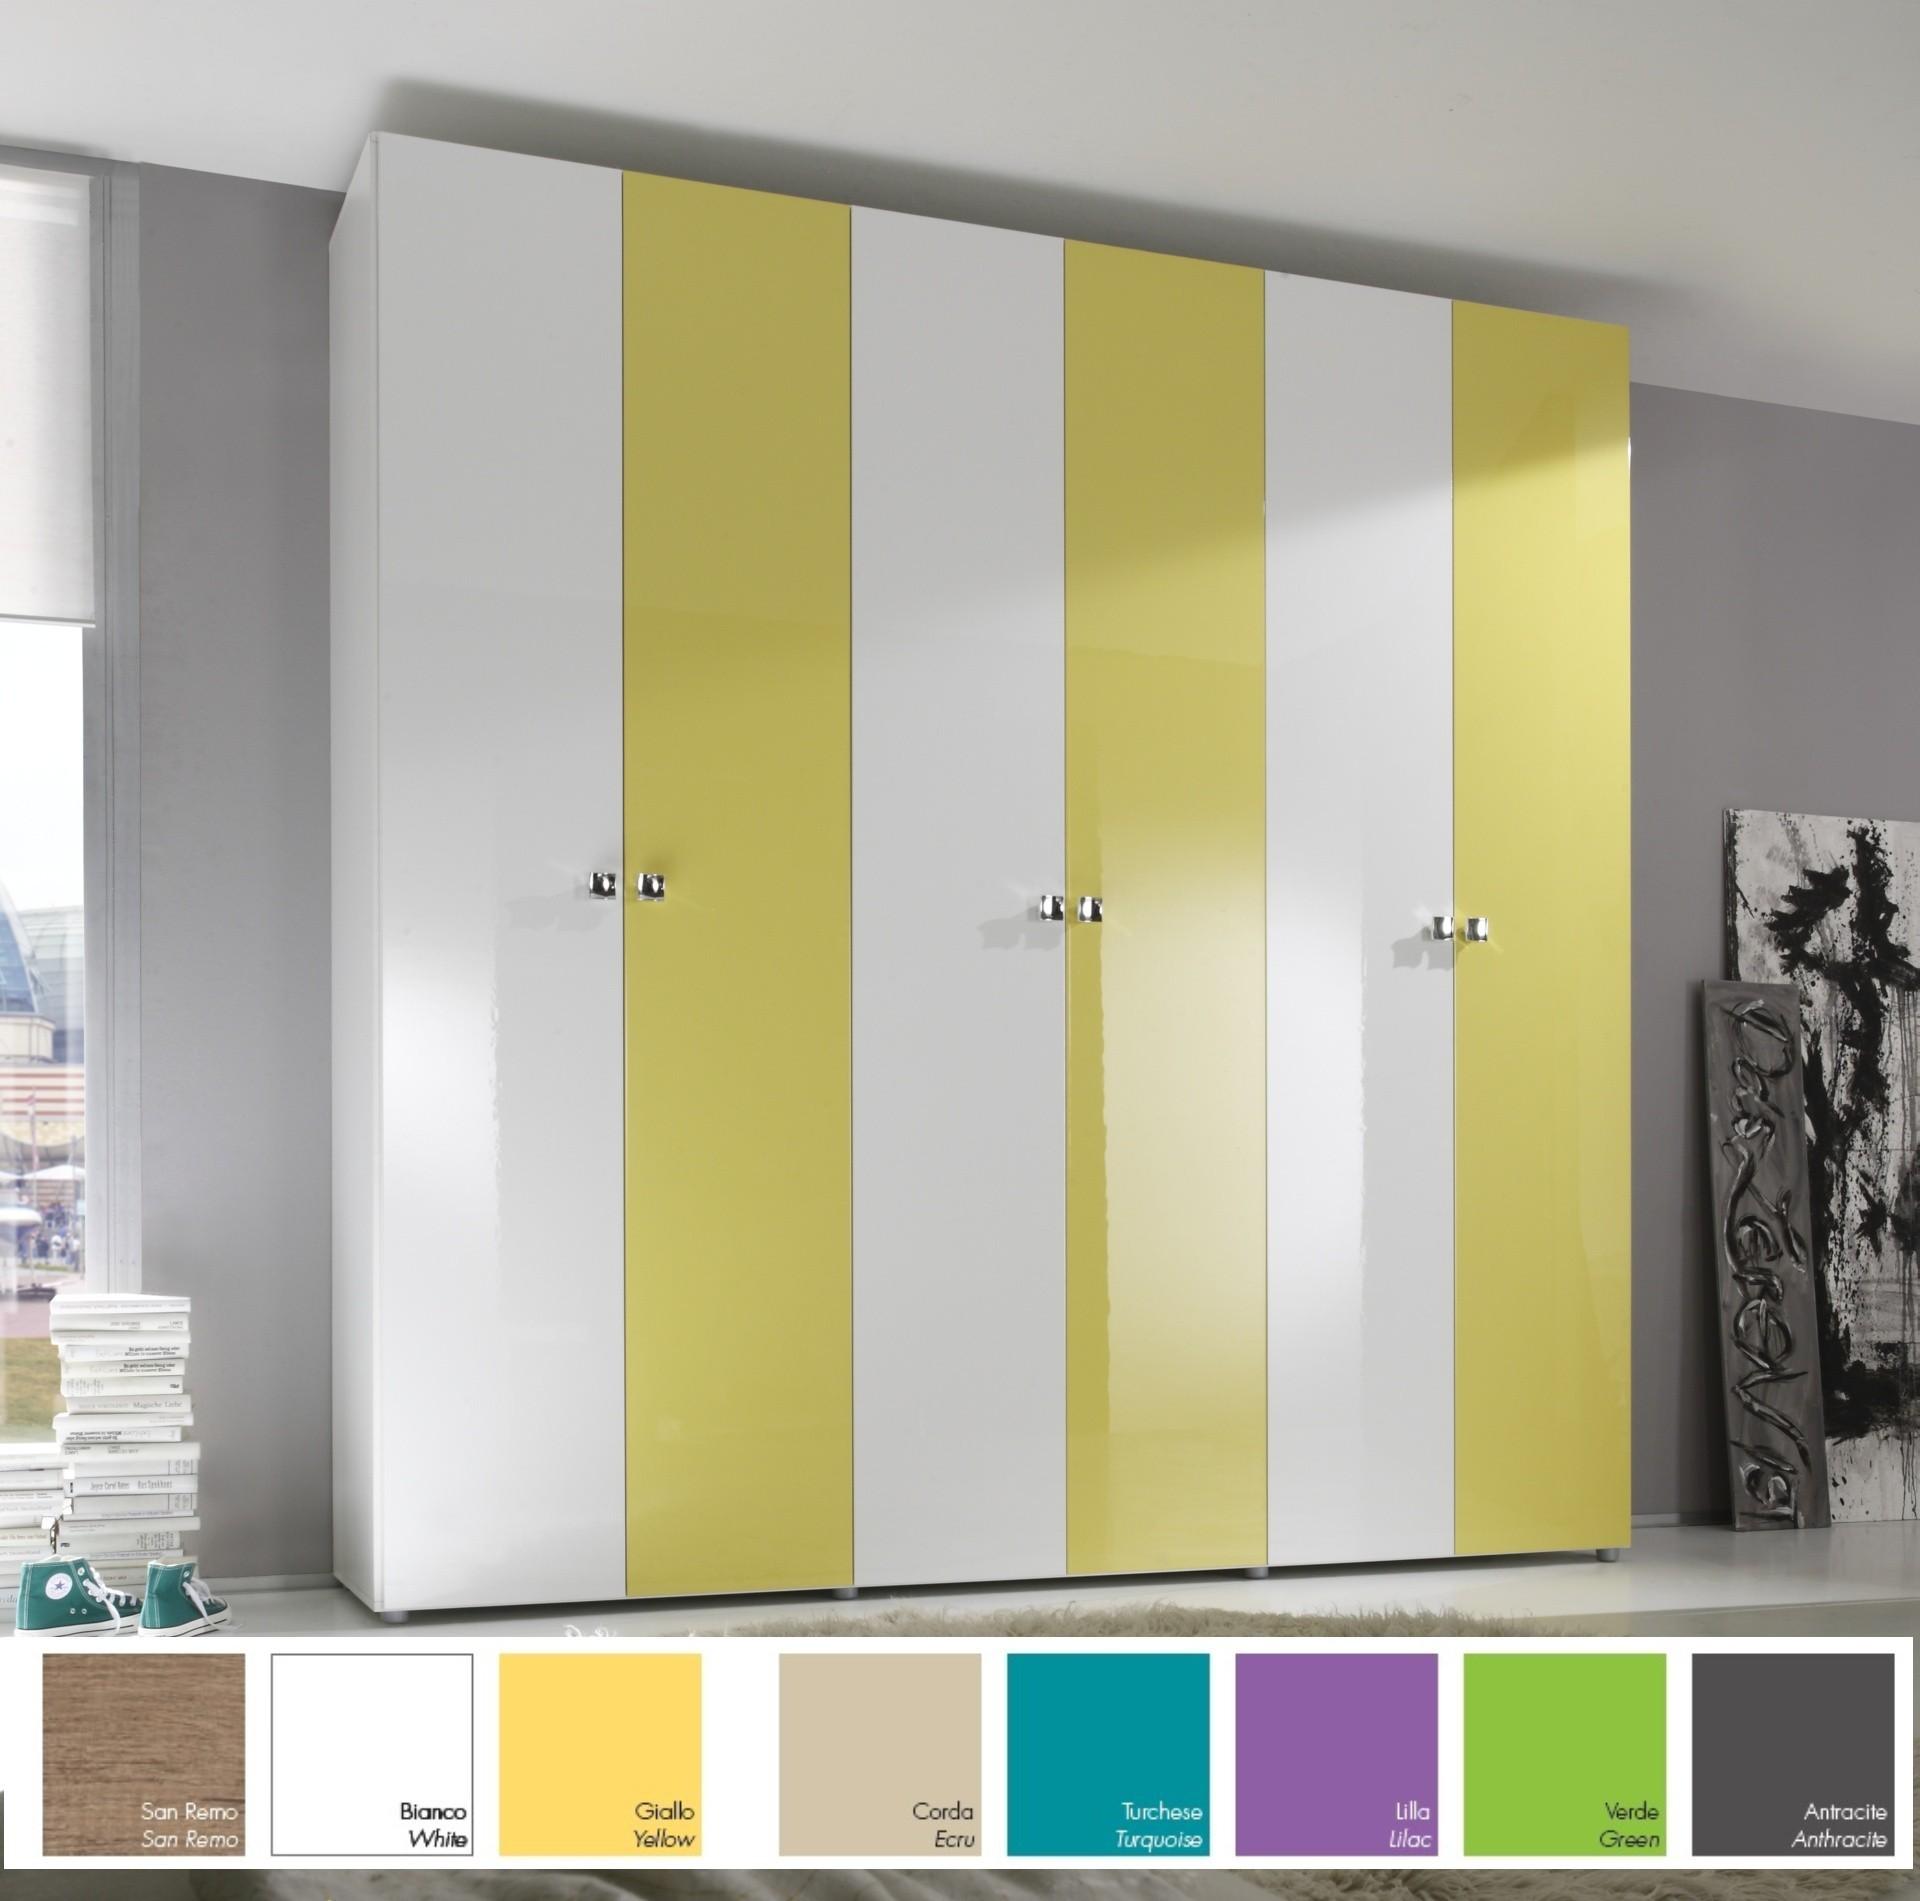 armoire moderne 6 portes 237 cm 8 couleurs prix discount. Black Bedroom Furniture Sets. Home Design Ideas